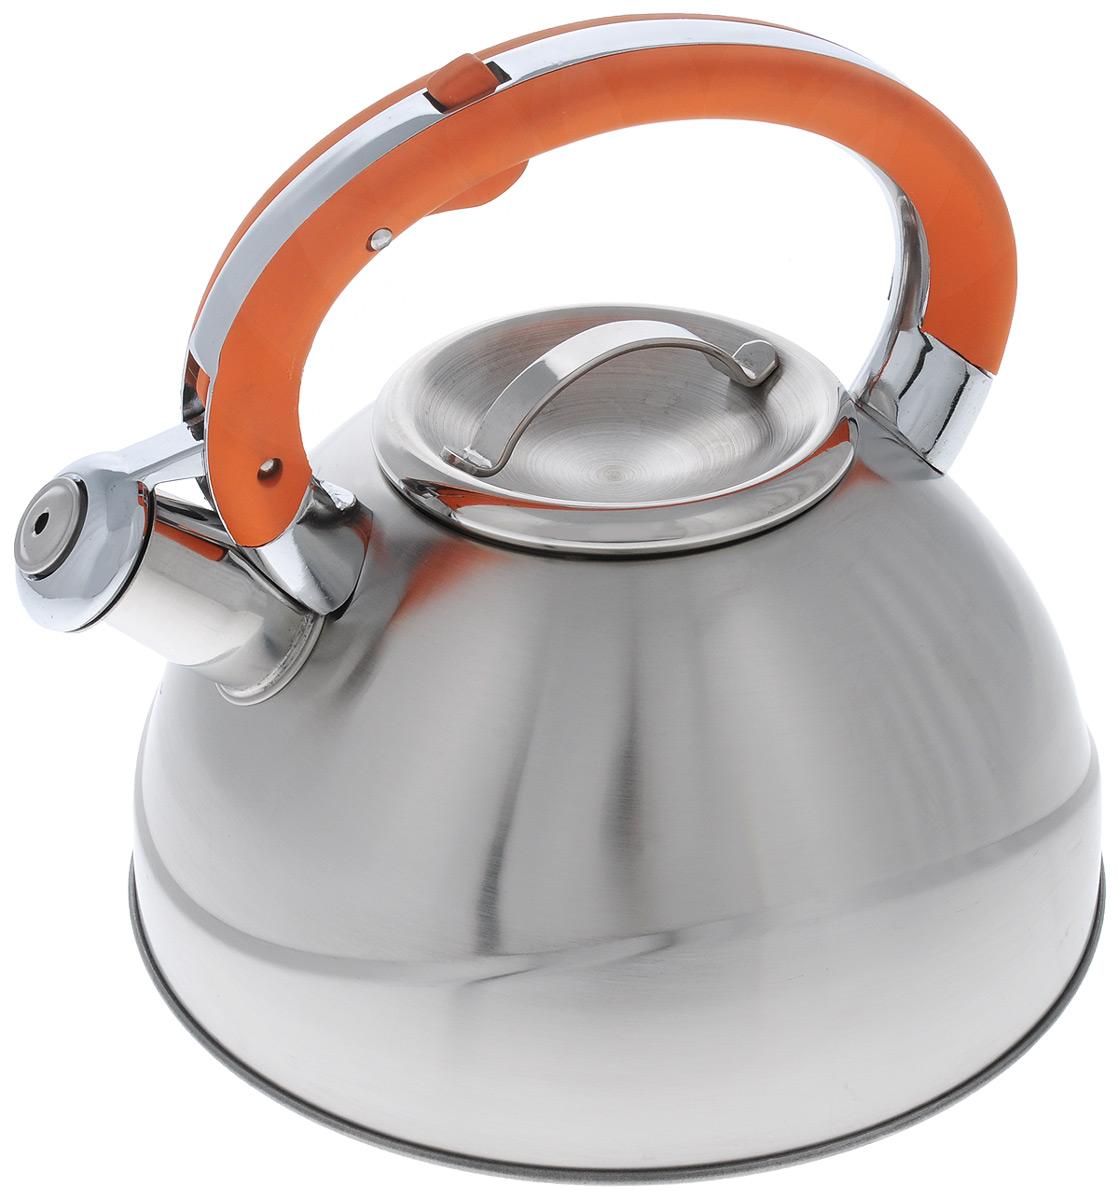 Чайник Wellberg, со свистком, цвет: оранжевый, 3 л. 6123WB9560BHЧайник со свистком Wellberg изготовлен из высококачественной нержавеющейстали с матовой полировкой. Капсульное дно обеспечивает равномерный и быстрый нагрев,поэтому вода закипаетгораздо быстрее, чем в обычныхчайниках. Носик чайника оснащен откидным свистком, звуковой сигнал которогоподскажет, когда закипит вода. Свисток открывается нажатием кнопки на ручке.Эргономичная нейлоновая ручка имеет покрытие Soft-Touch.Чайник Wellberg - качественное исполнение и стильное решение для вашей кухни.Подходит для использования на газовых, стеклокерамических, электрических, галогеновыхи индукционных плитах. Также изделие можно мыть в посудомоечной машине. Высота чайника (без учета ручки и крышки): 12,5 см. Диаметр основания чайника: 22 см. Диаметр чайника (по верхнему краю): 10 см.